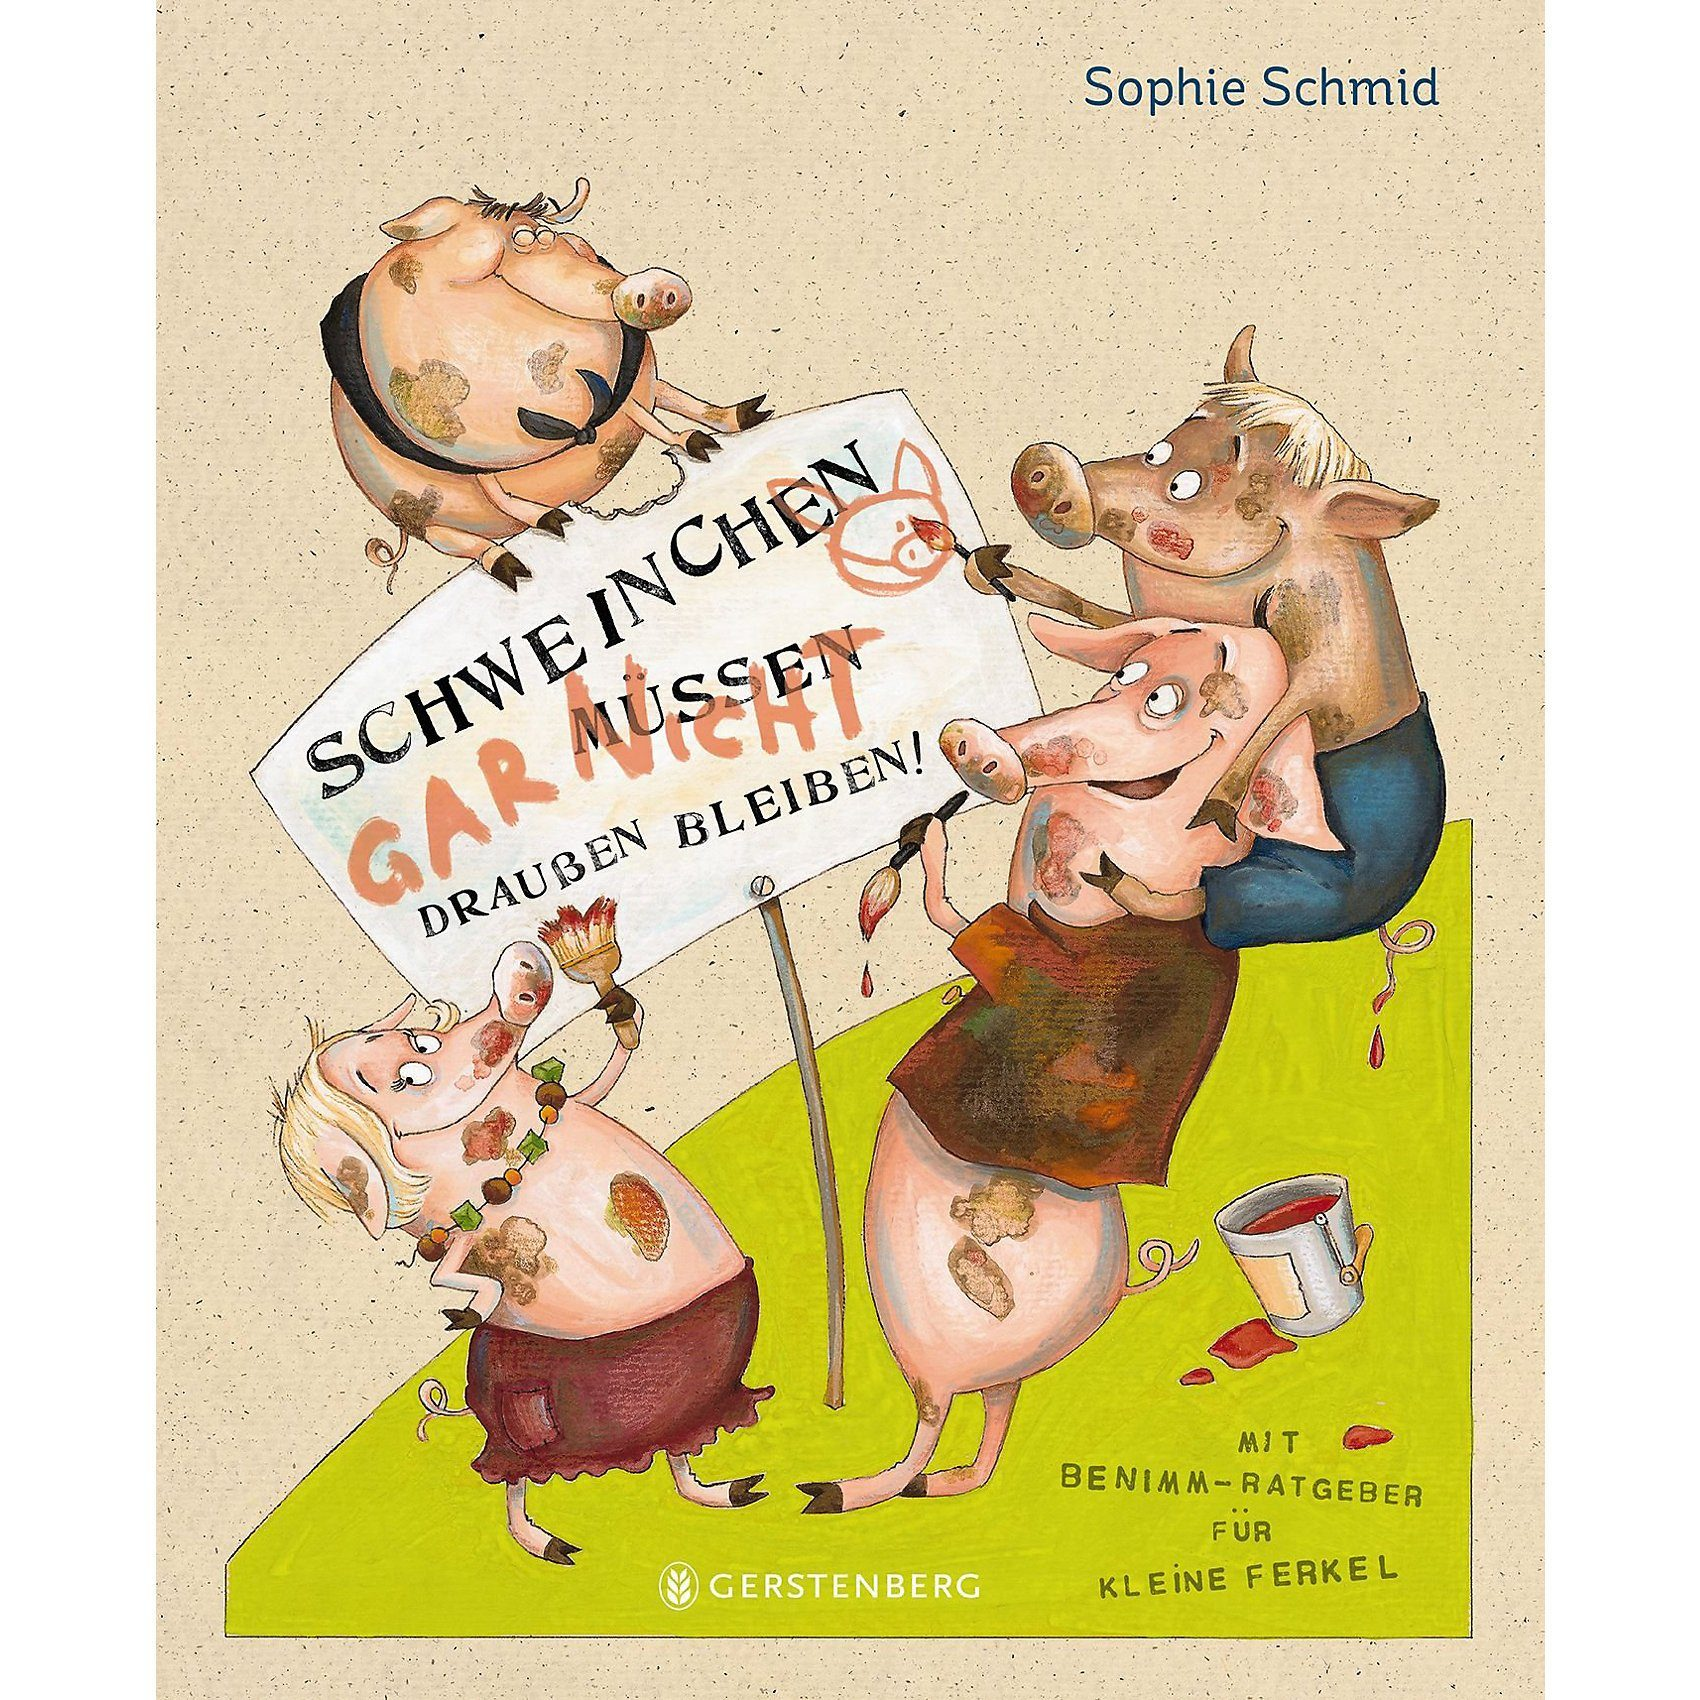 Gerstenberg Verlag Schweinchen müssen draußen bleiben!